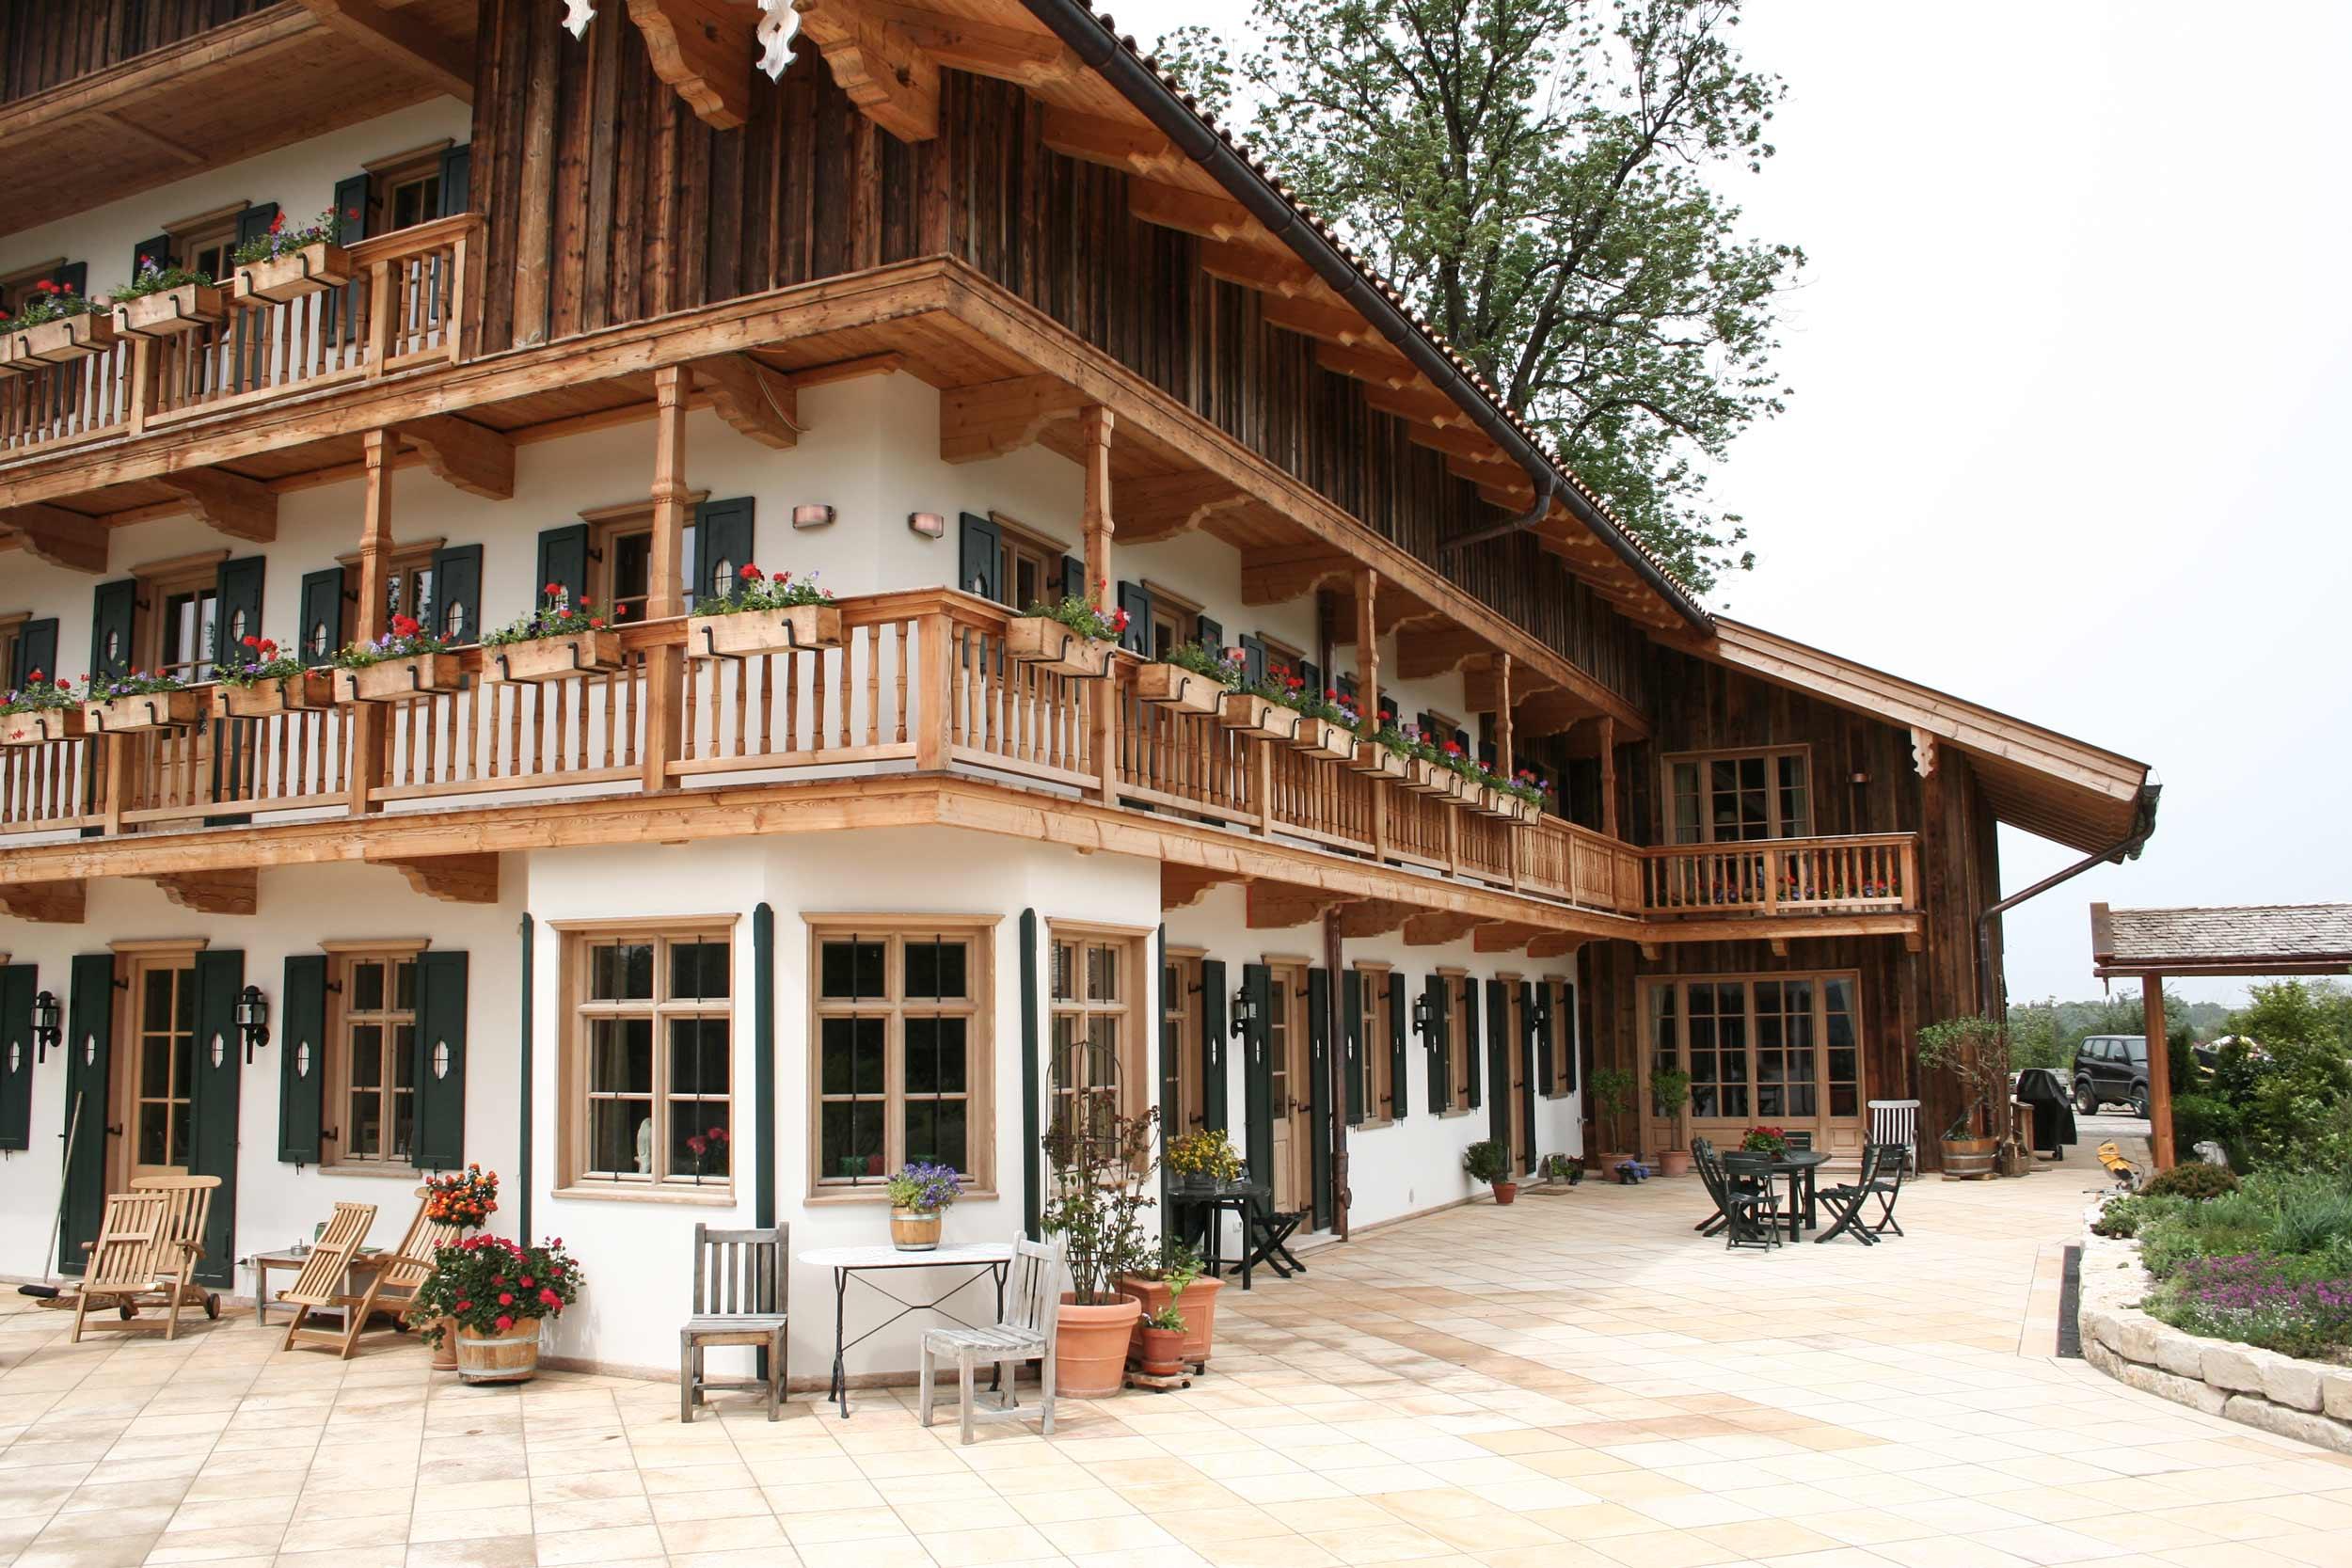 zimmerei-stoib-holzbau-holzhaus-bauernhof-umbau-sanierung-hof-balkon-fensterläden-schindeldach-01.jpg